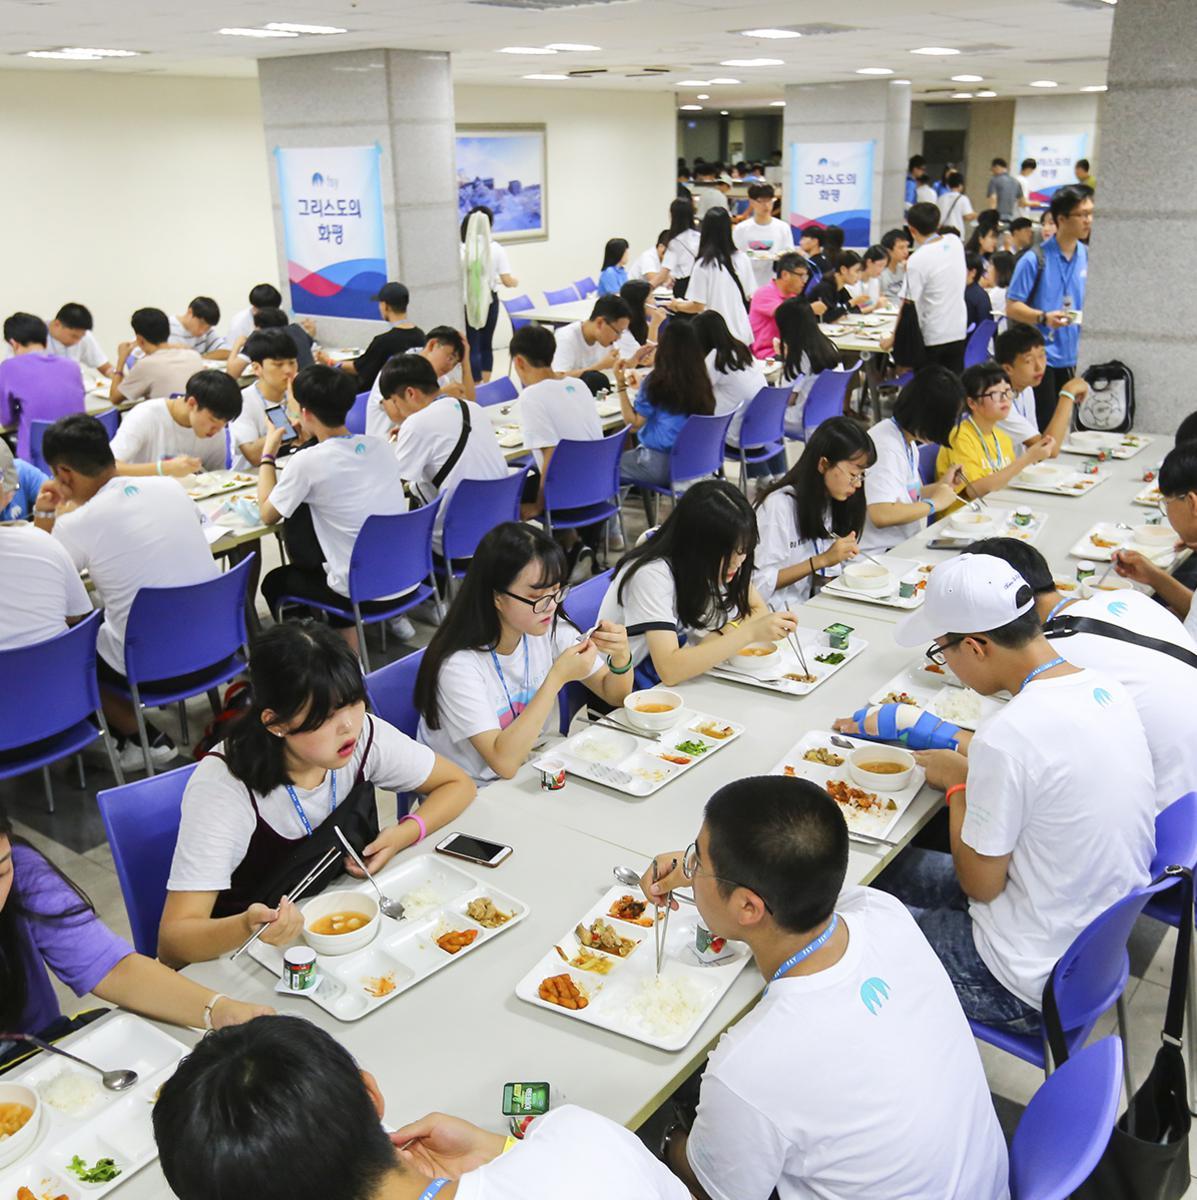 식당에서 식사 중인 참가자들